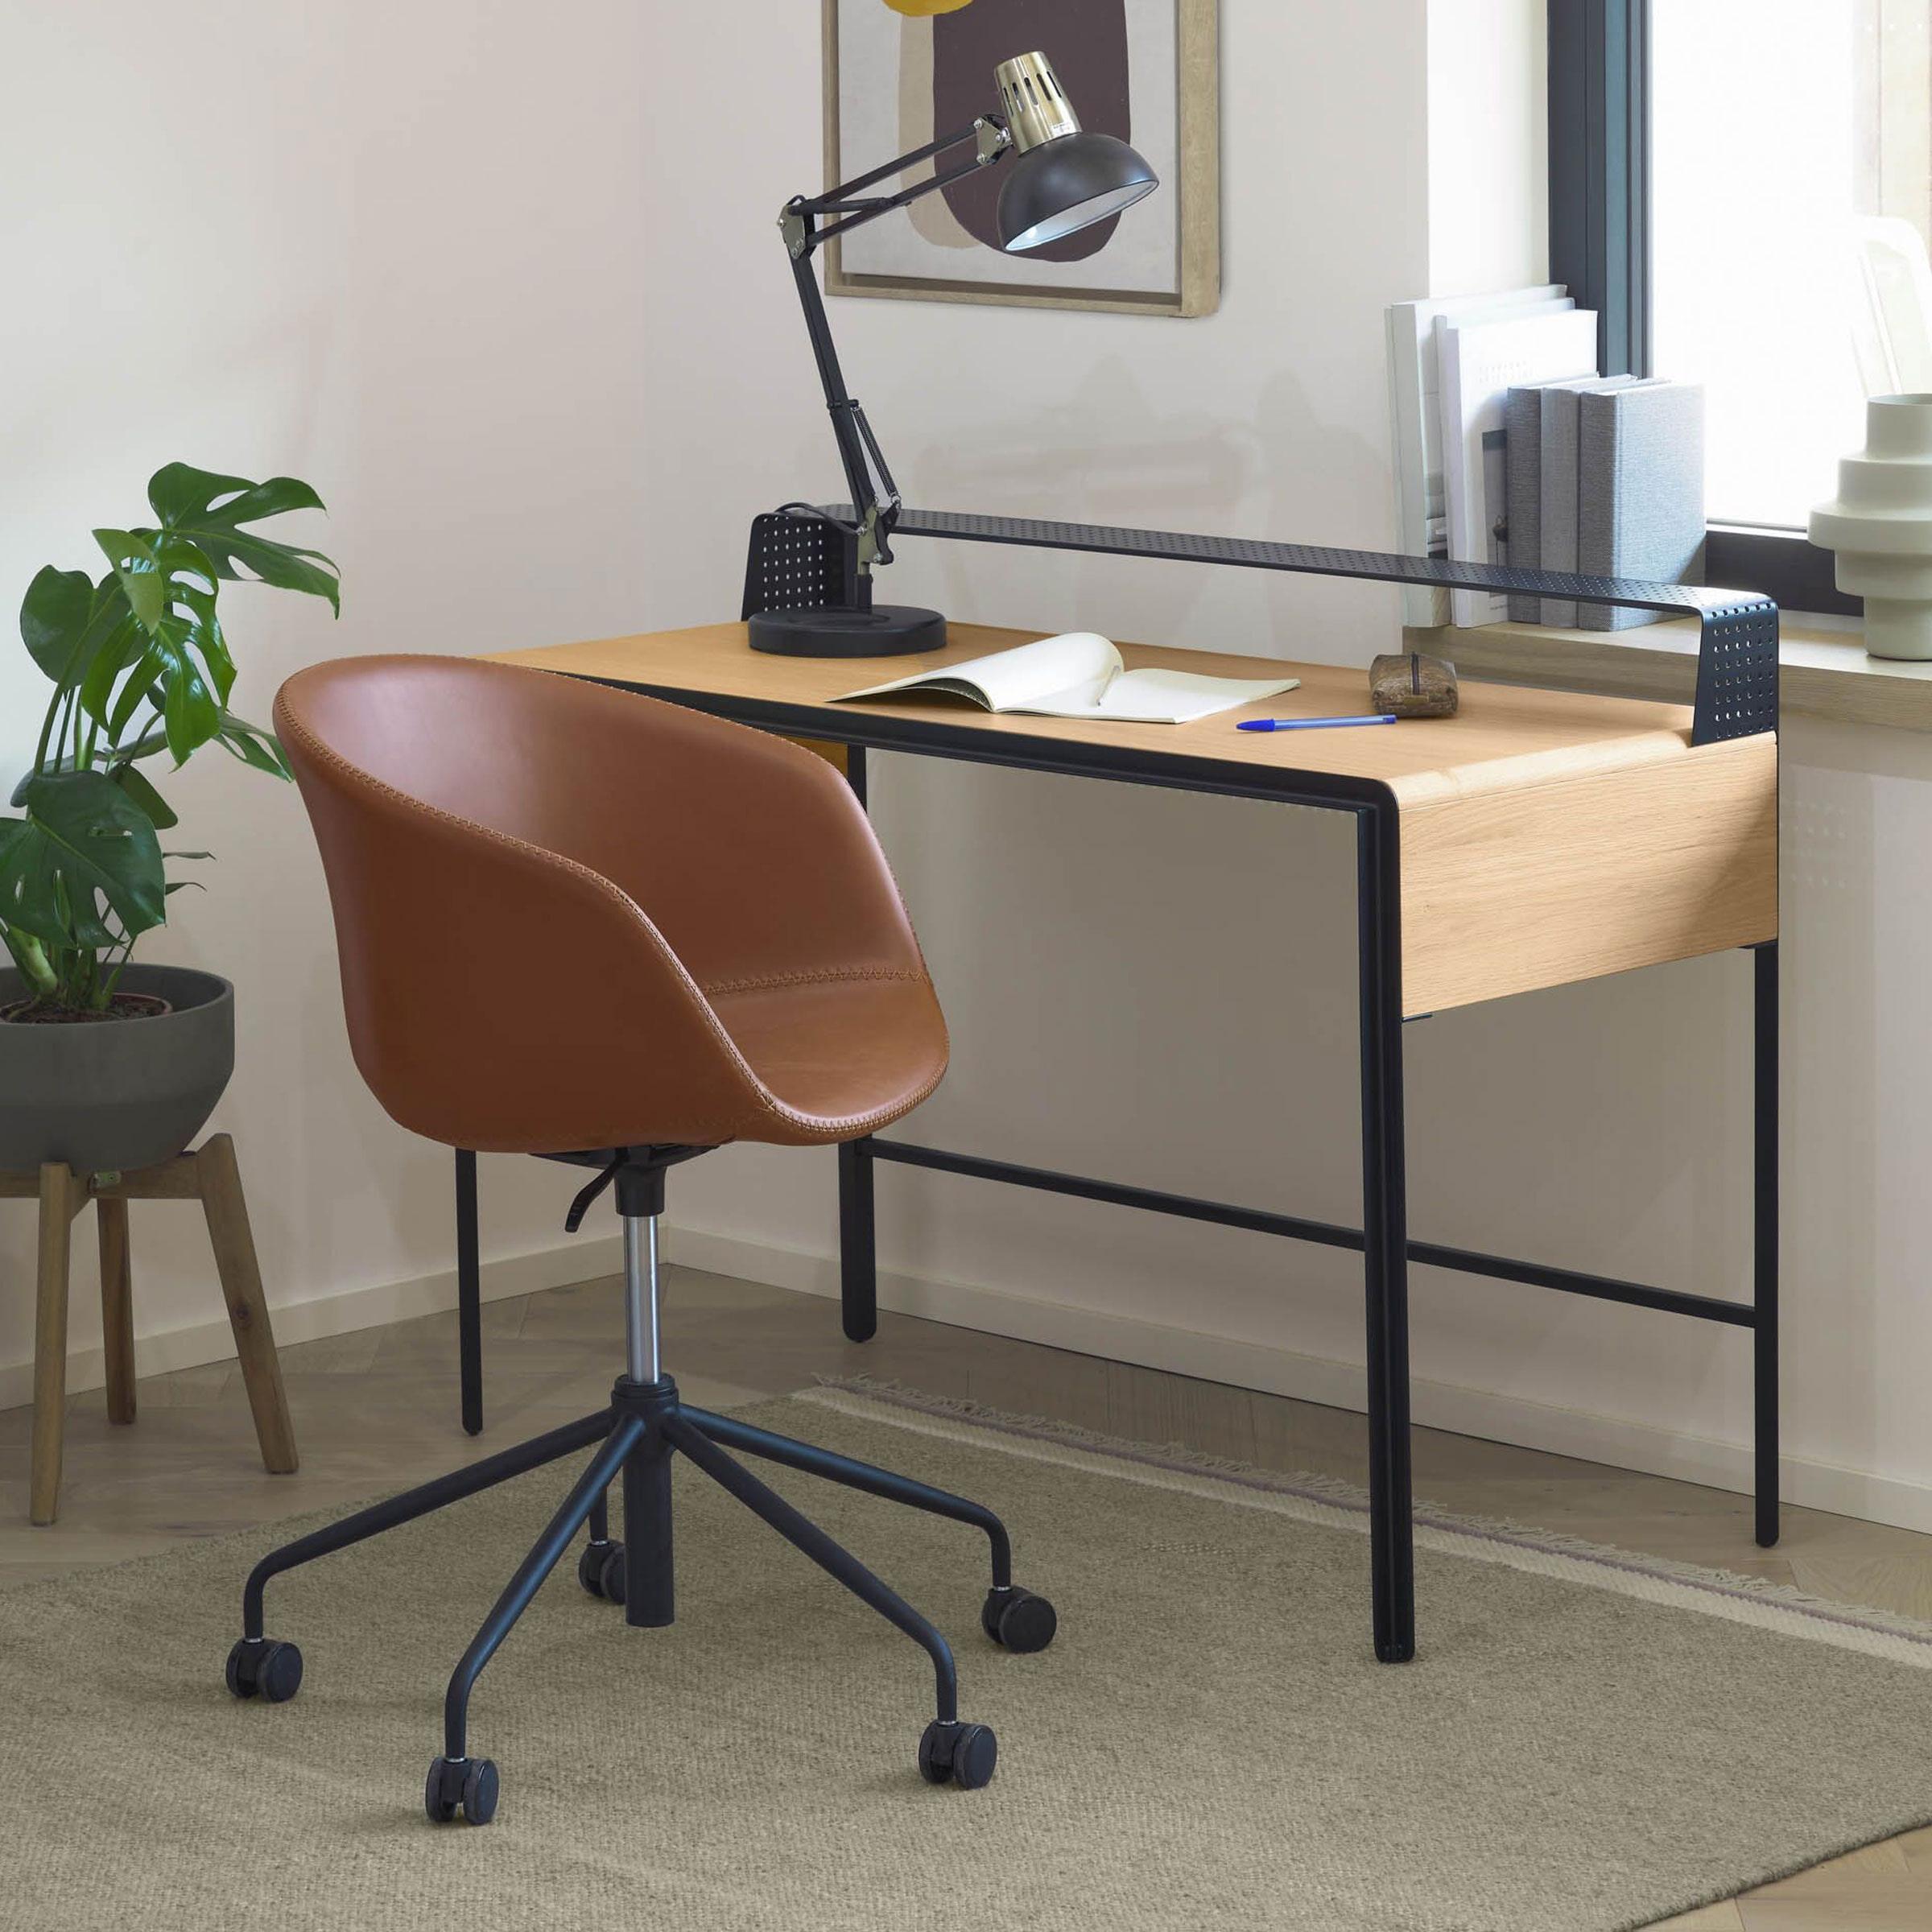 Kave Home Bureaustoel 'Yvette', Kunstleer, kleur Bruin